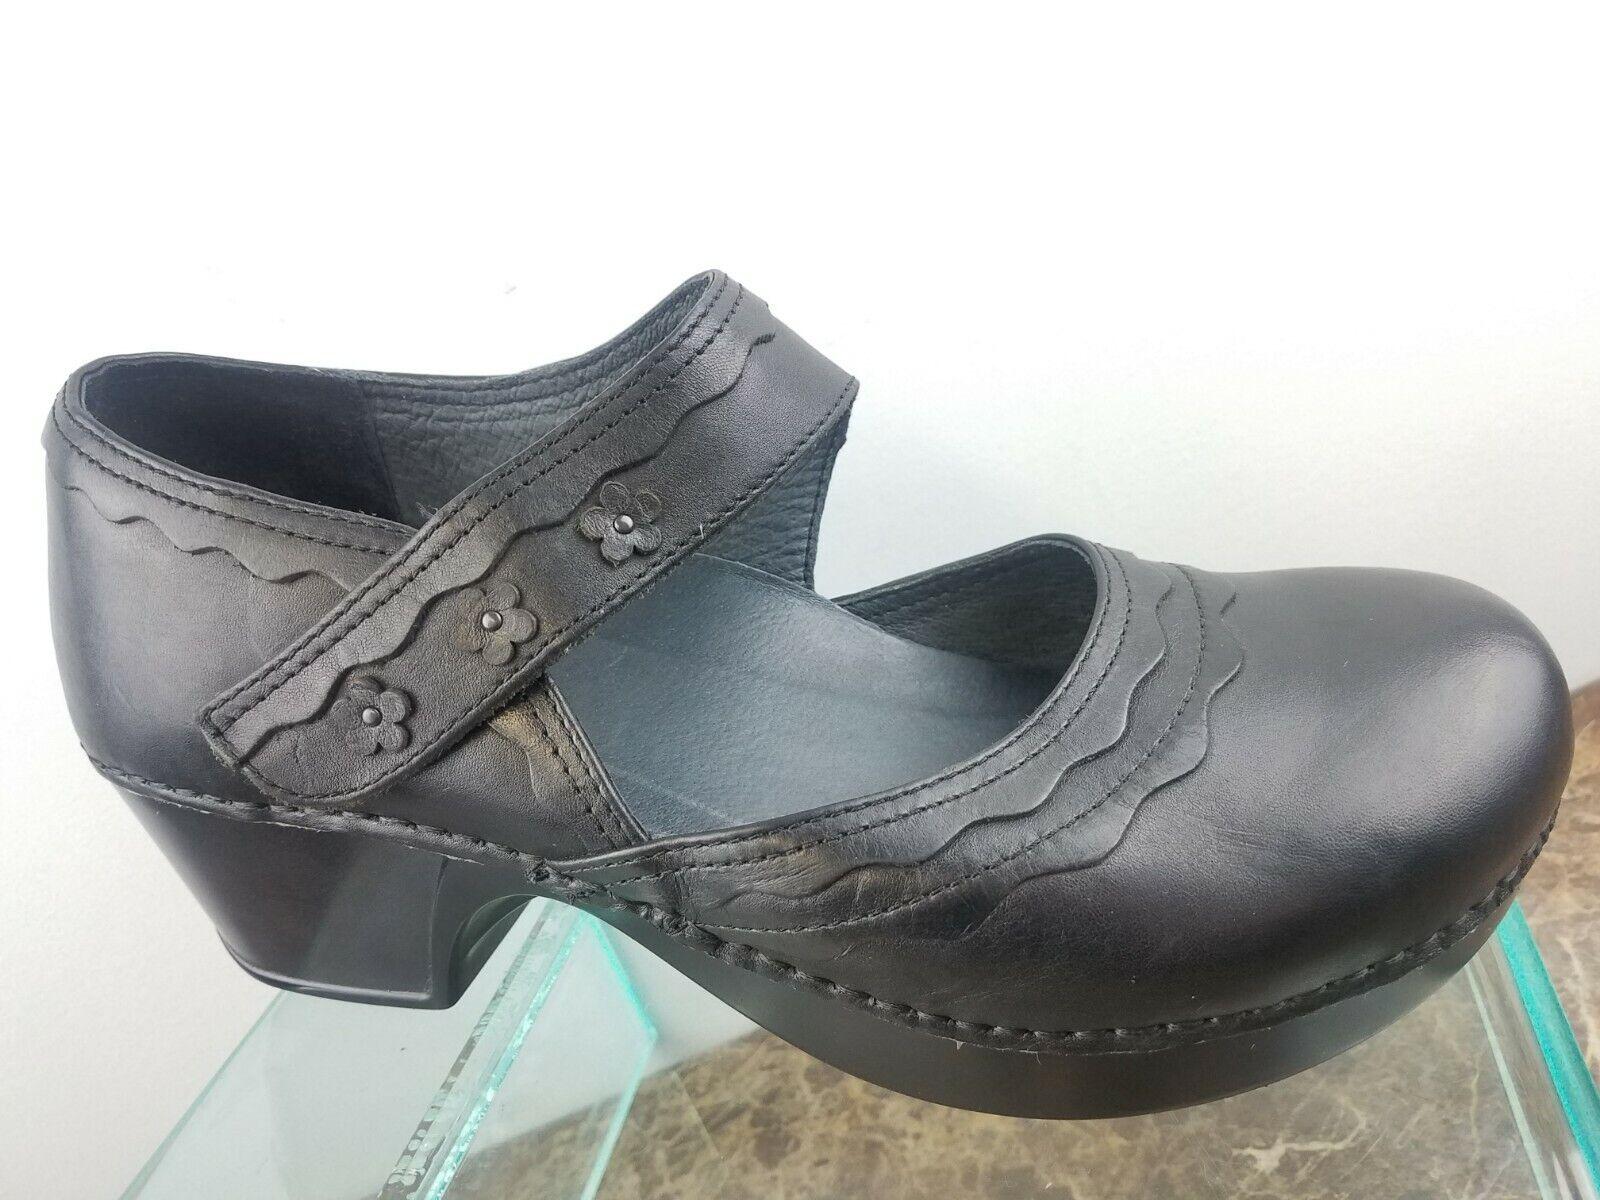 Dansko Mary Jane Cuero Negro Negro Negro Resbalón en Zapatos Zuecos Comodidad floral para mujer 11 41  precio mas barato